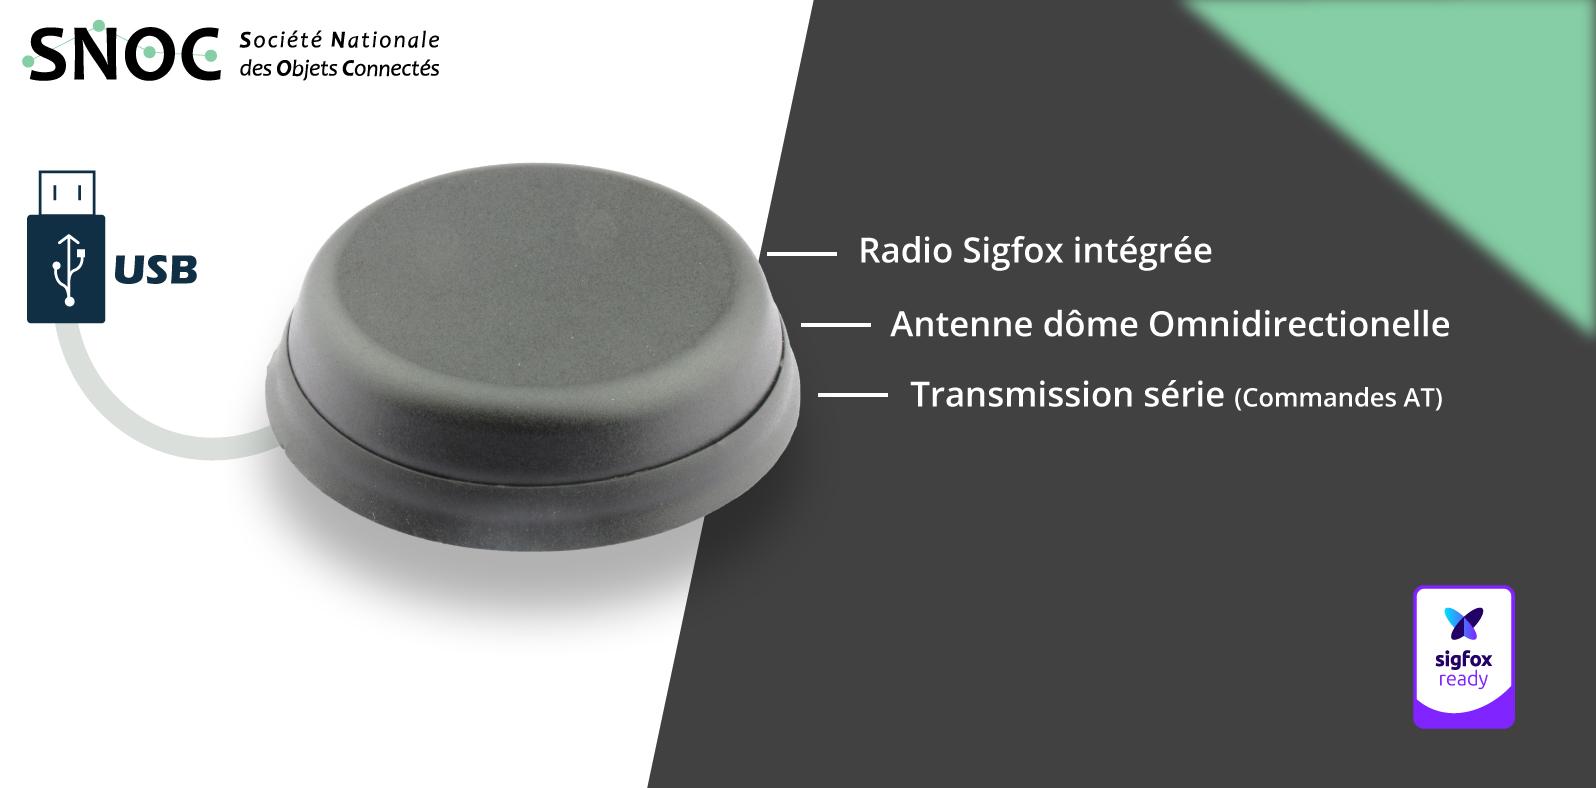 yadom presente l'antenne acive tout-en-1 Neomni Smart Connect